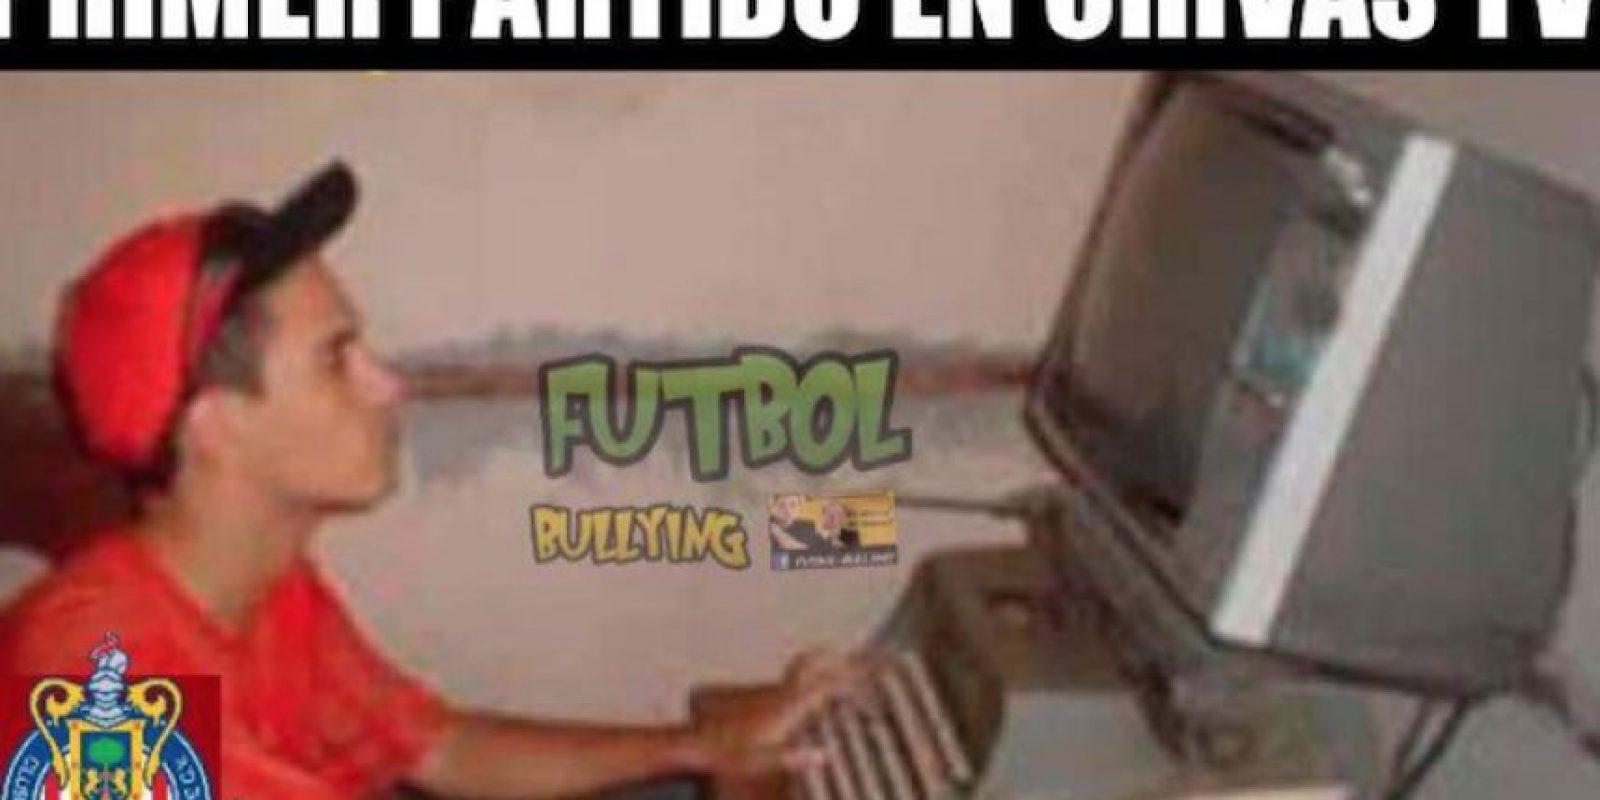 Las divertidas imágenes no descansaron en esta Jornada. Foto:Facebook